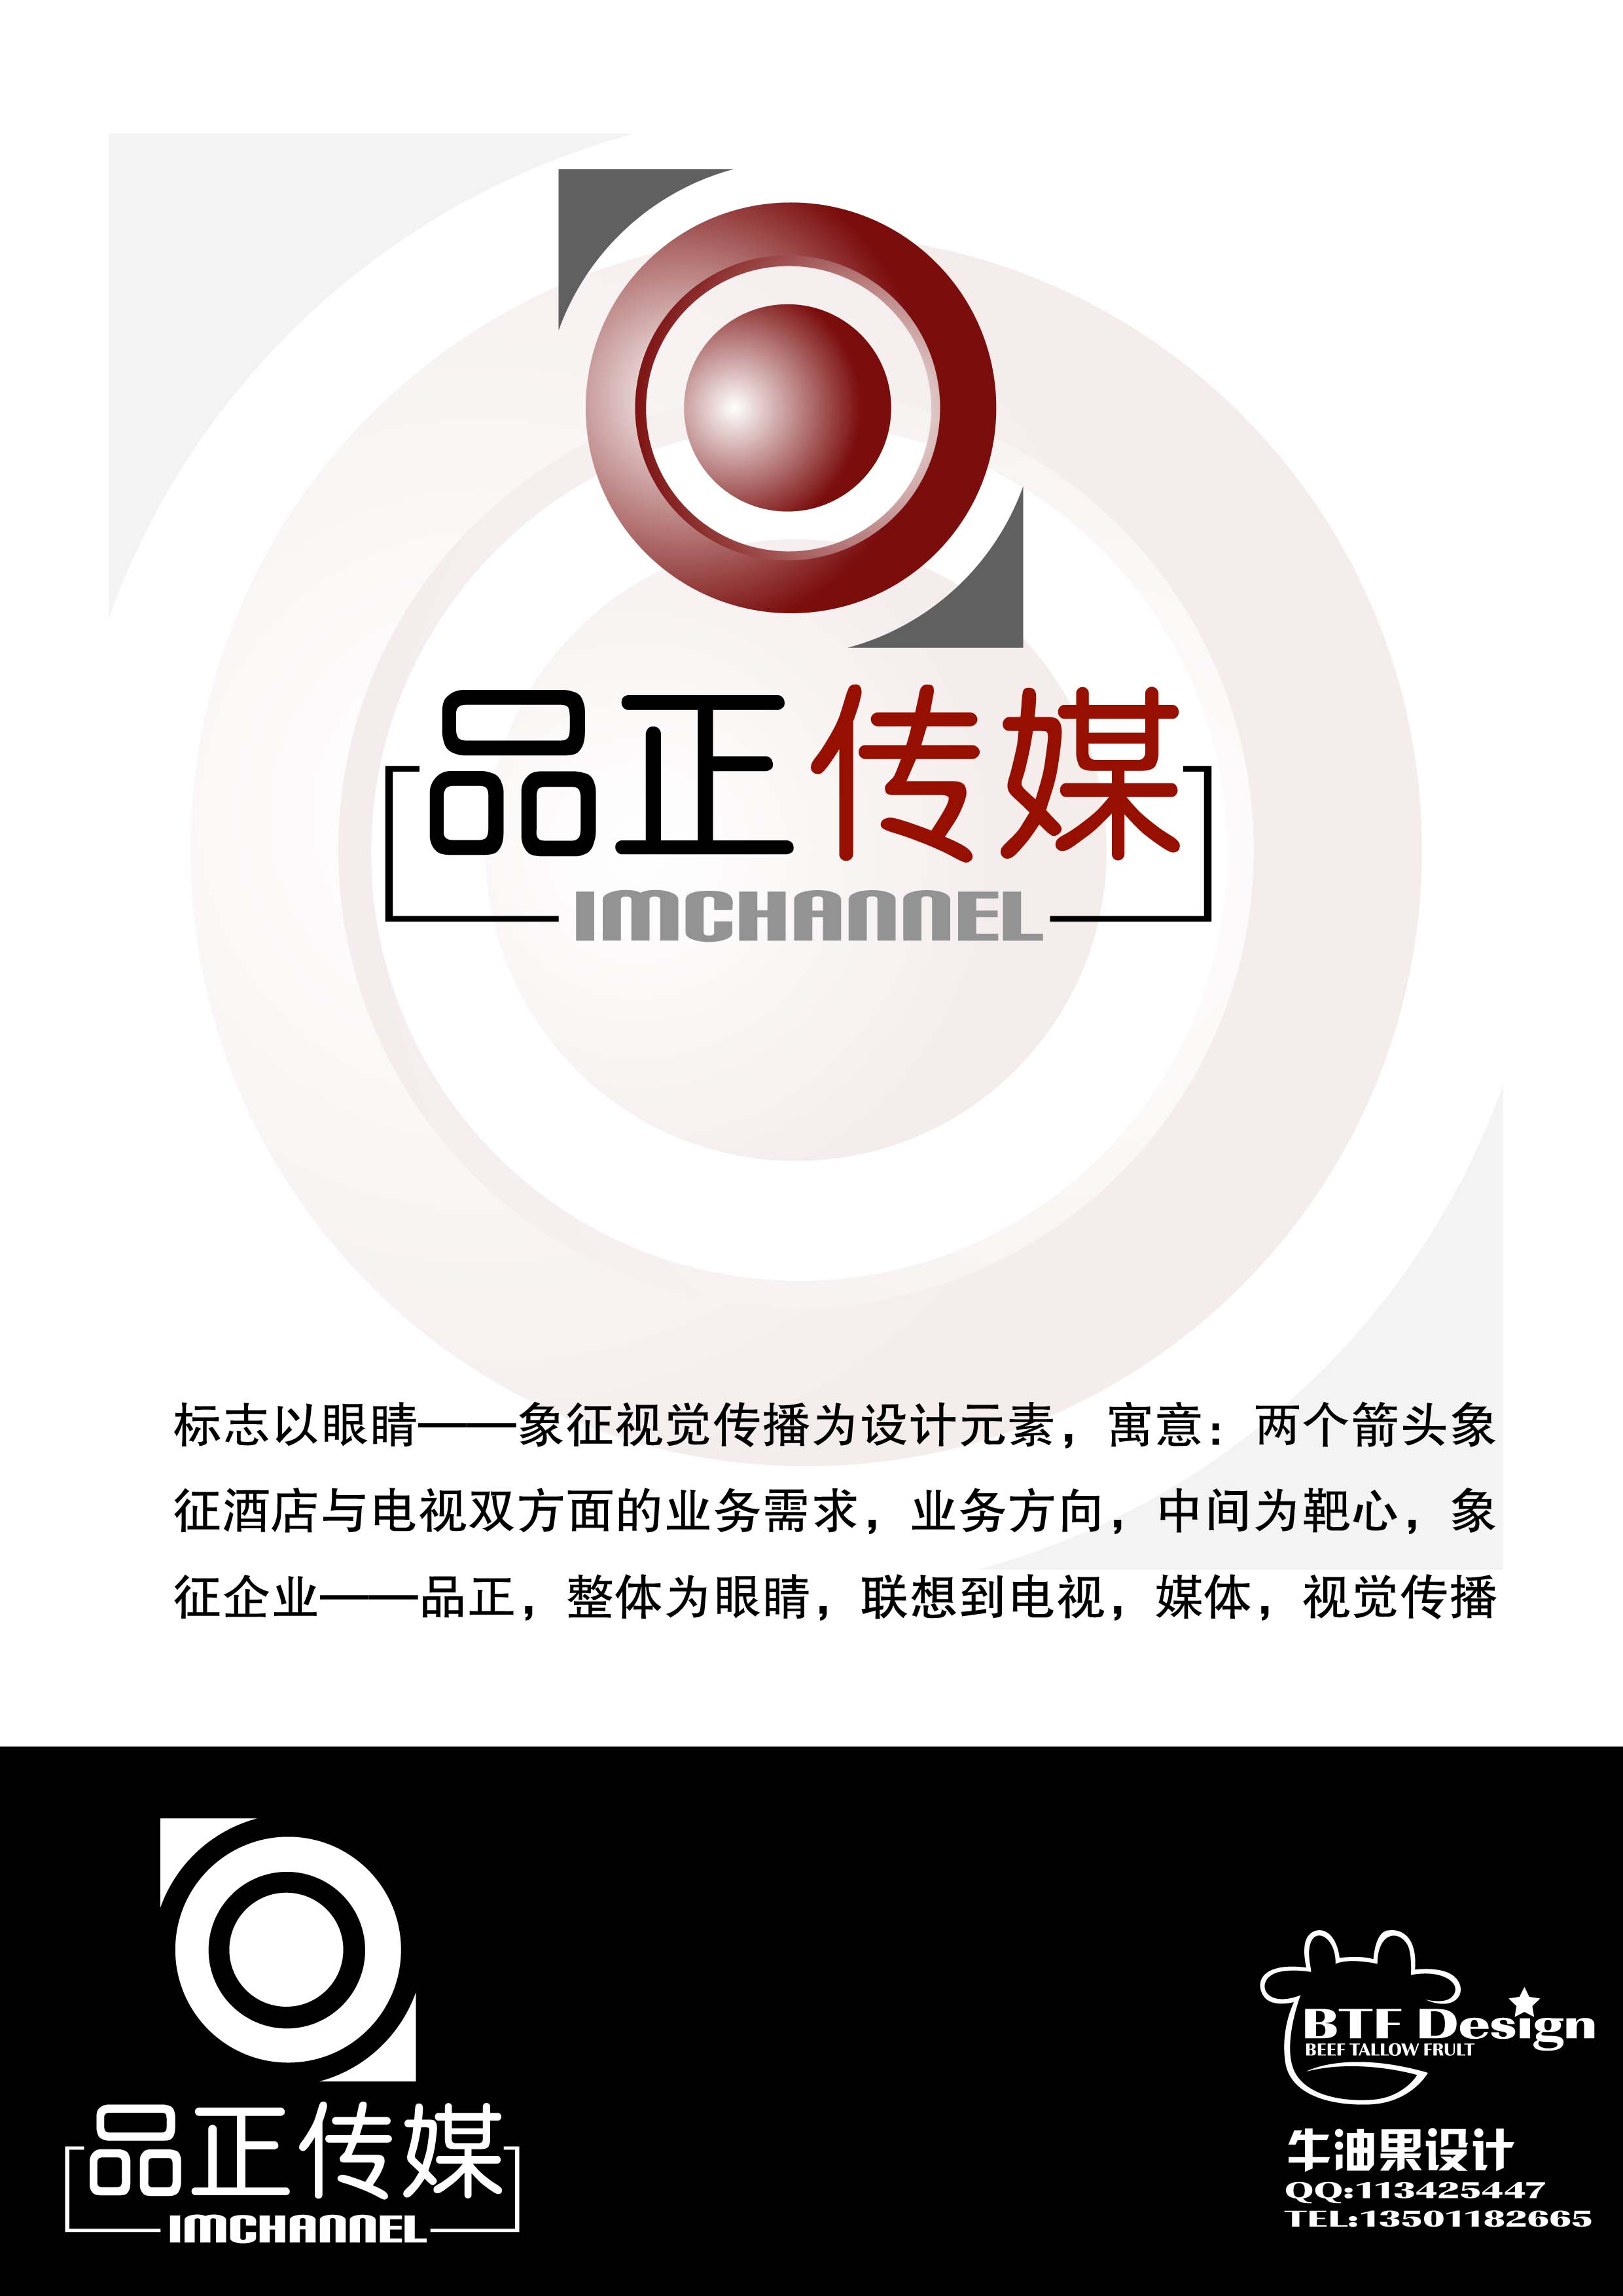 广告传媒公司logo设计[品正文化](5天)